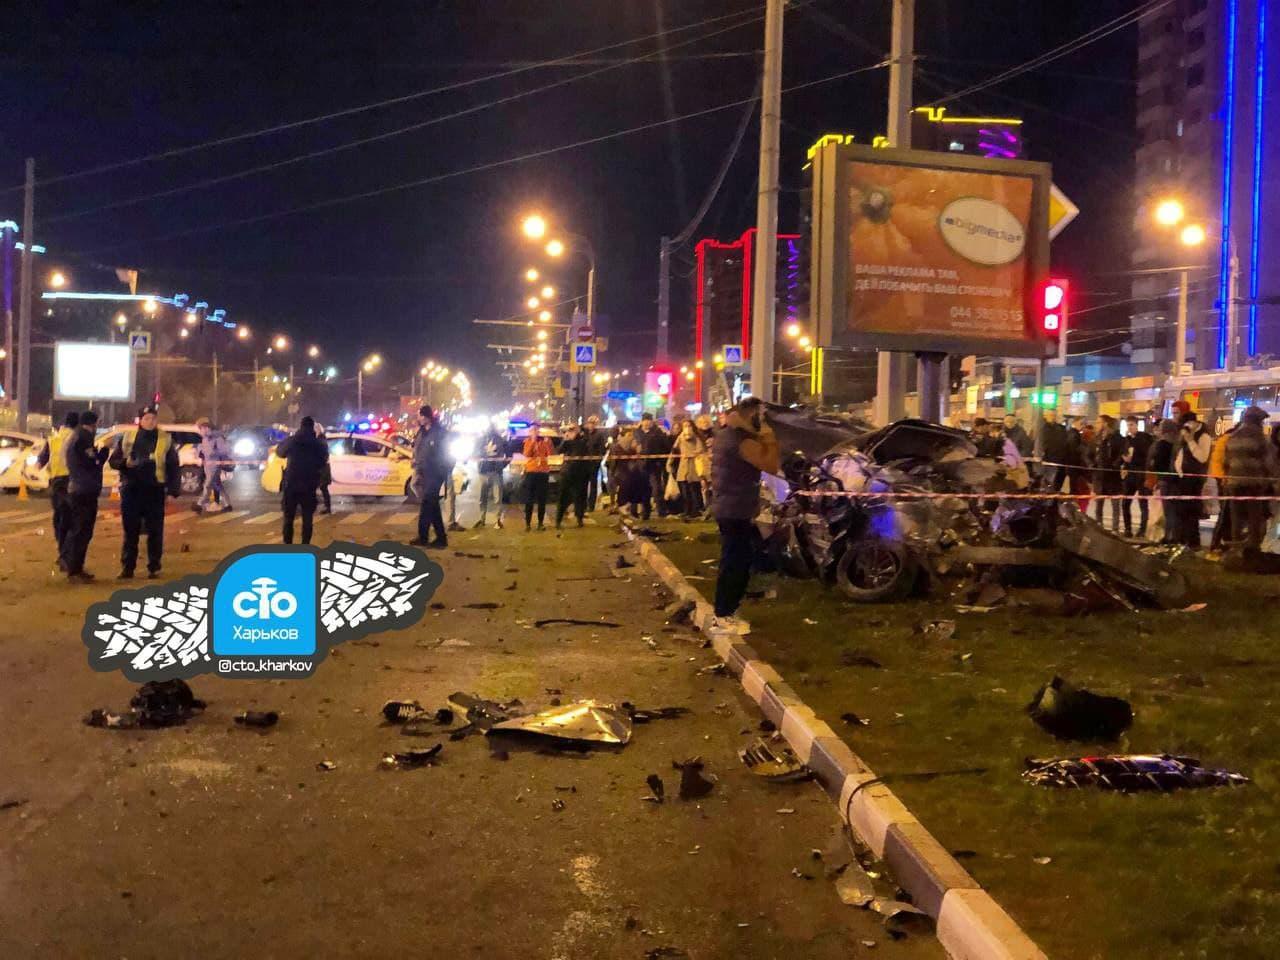 Смертельная авария в Харькове: что известно о погибшем (фото, видео)